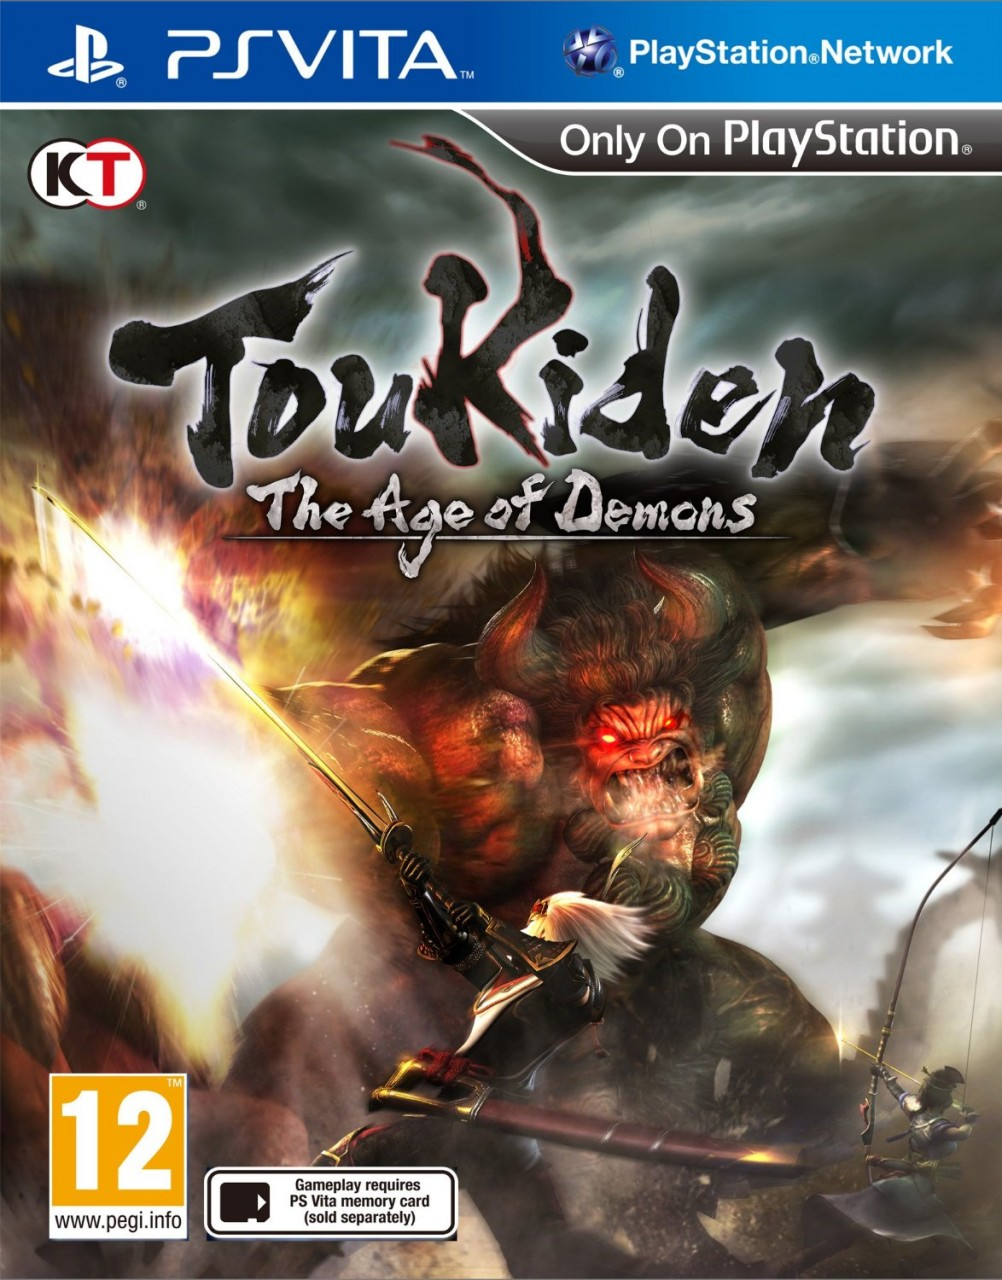 Toukiden - The Age of Demons PSVita  39.99